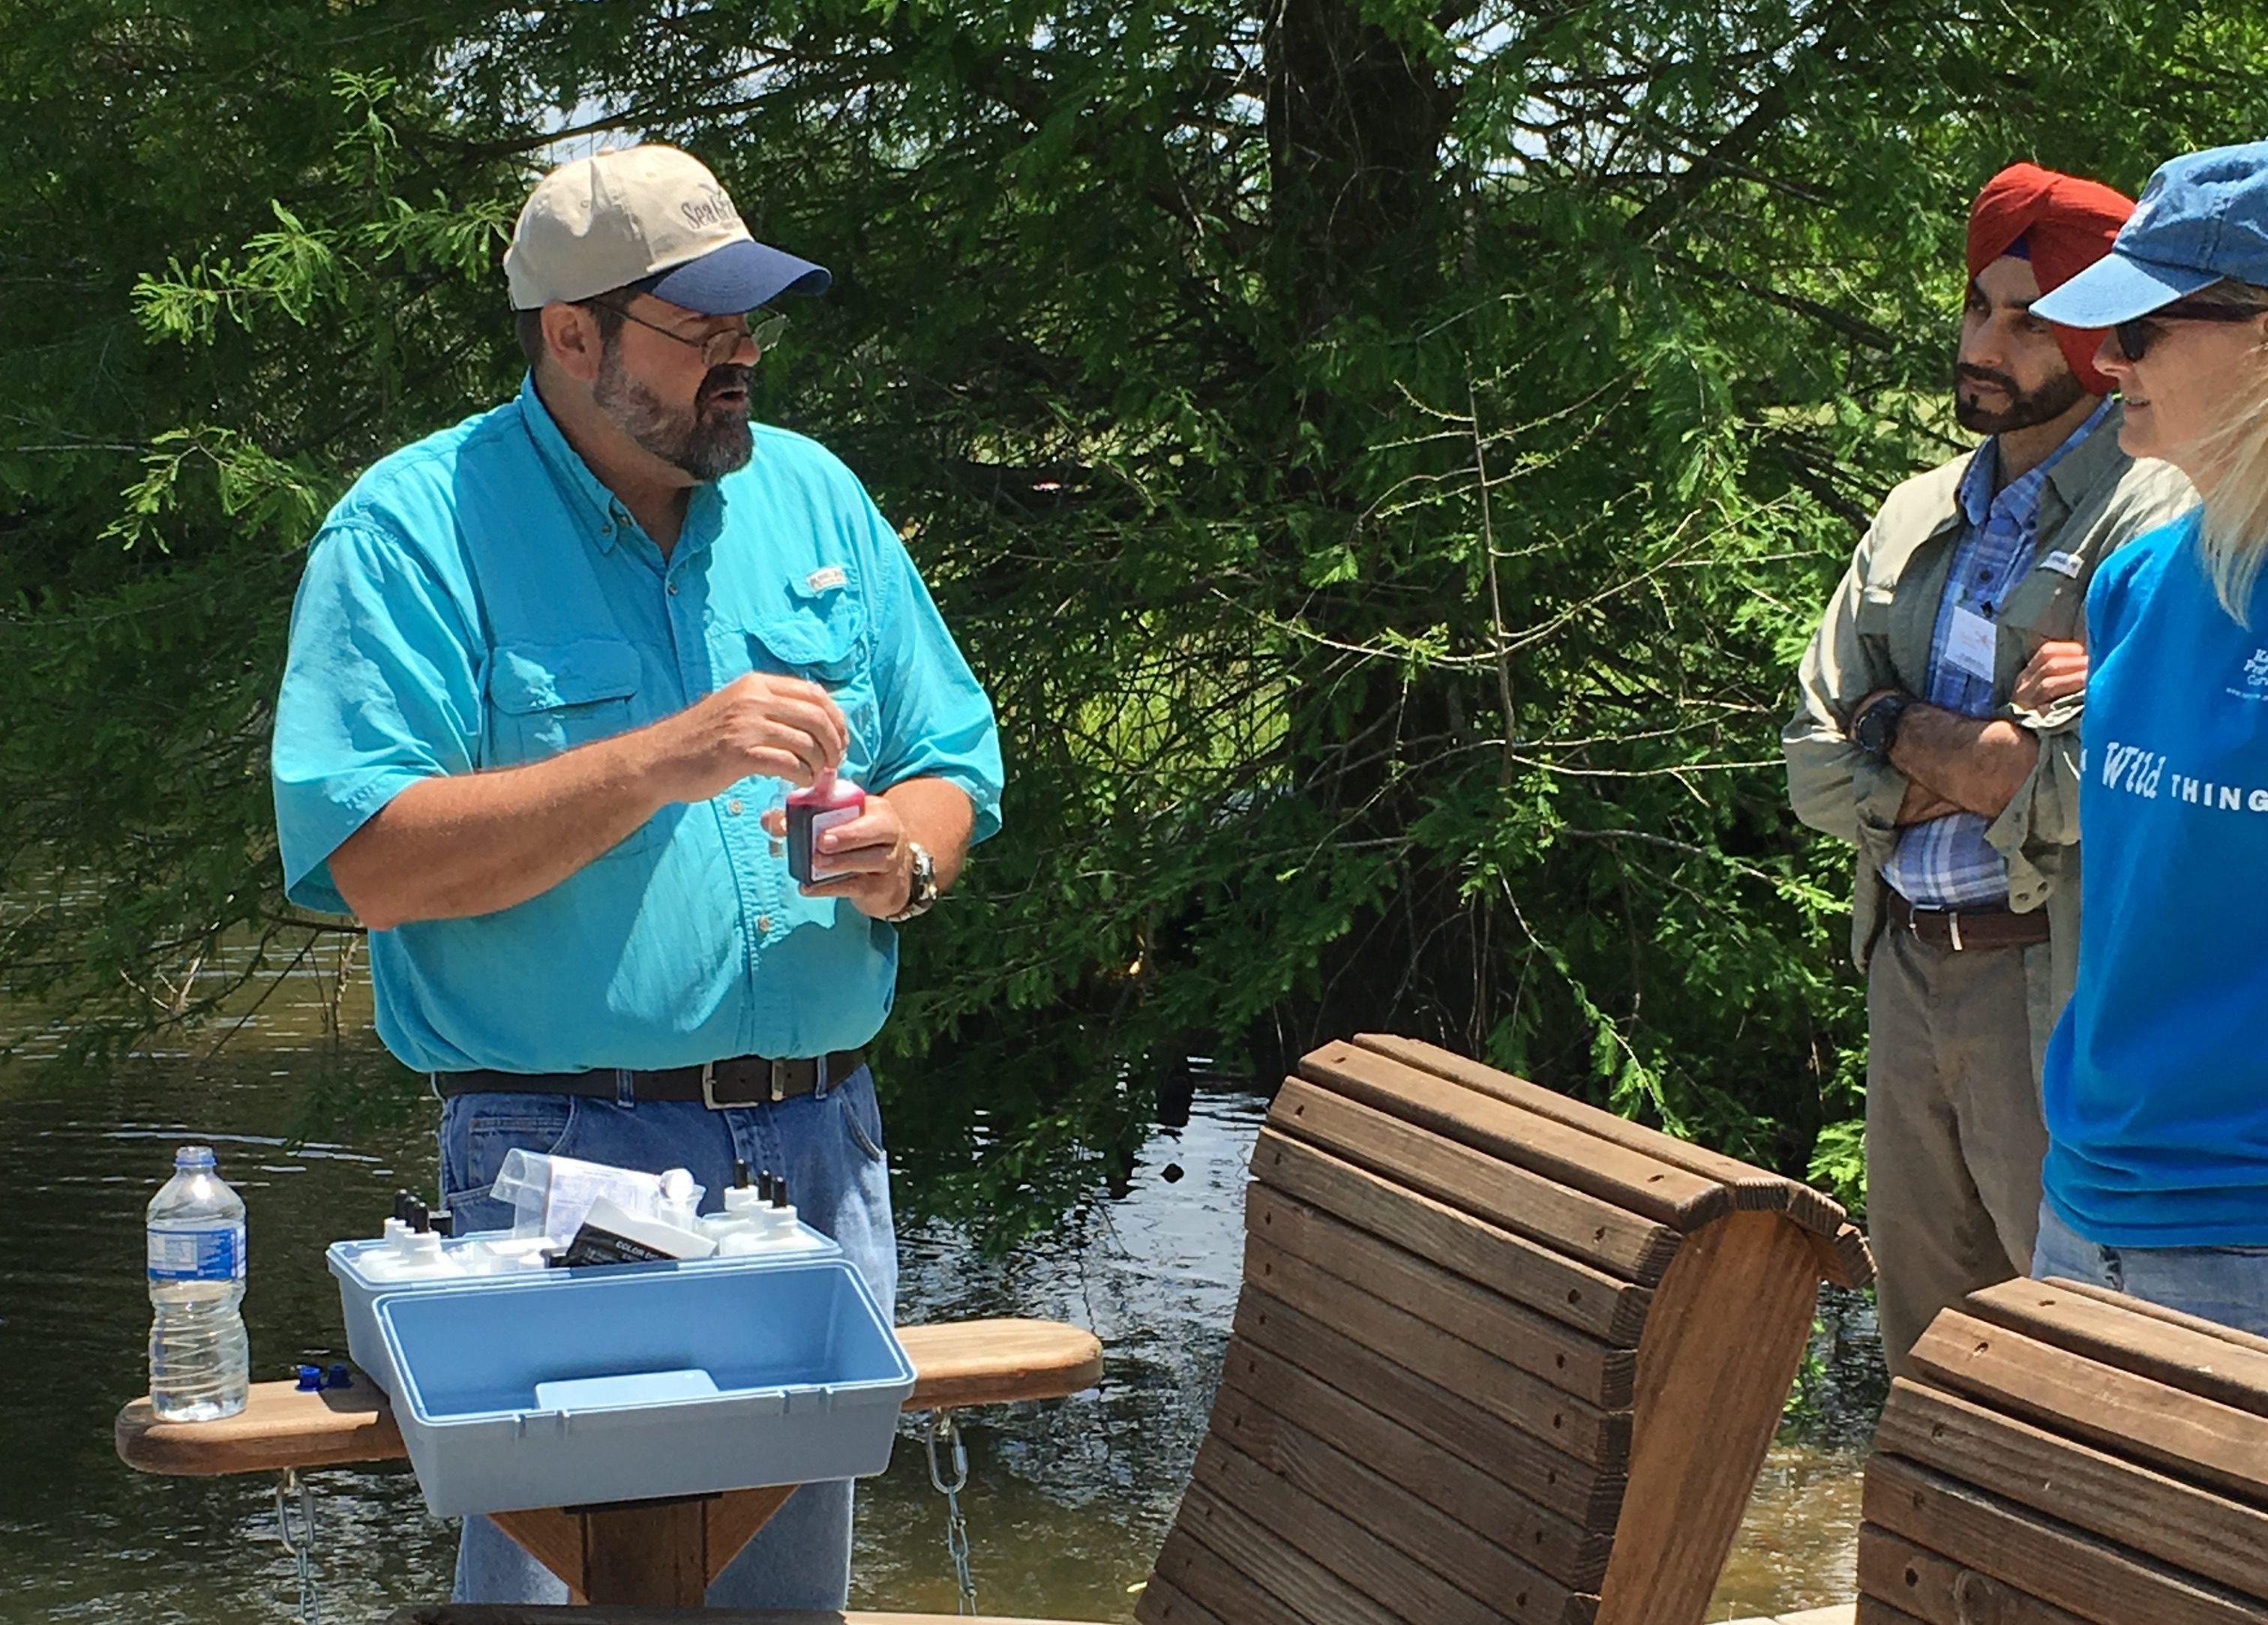 WATER TESTING 2017 – 2